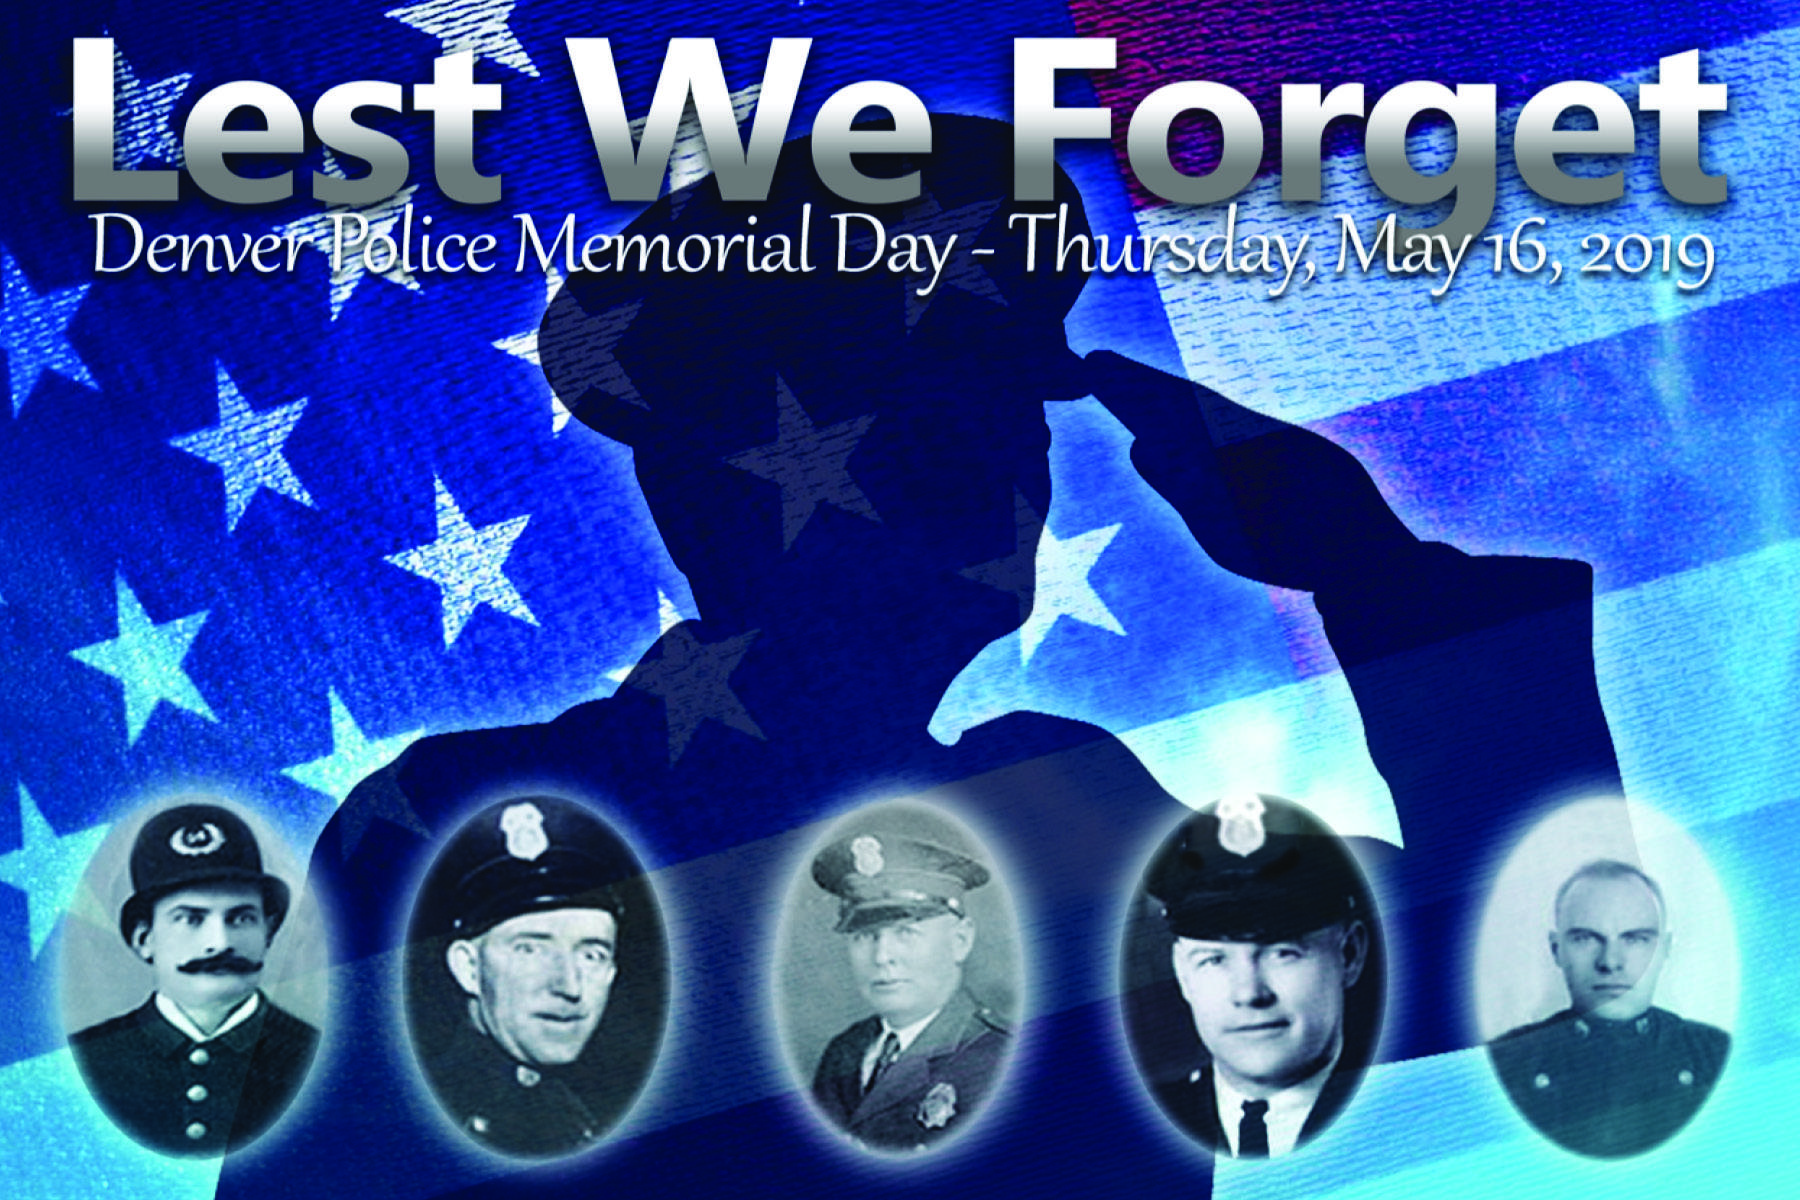 Denver Police Memorial Day